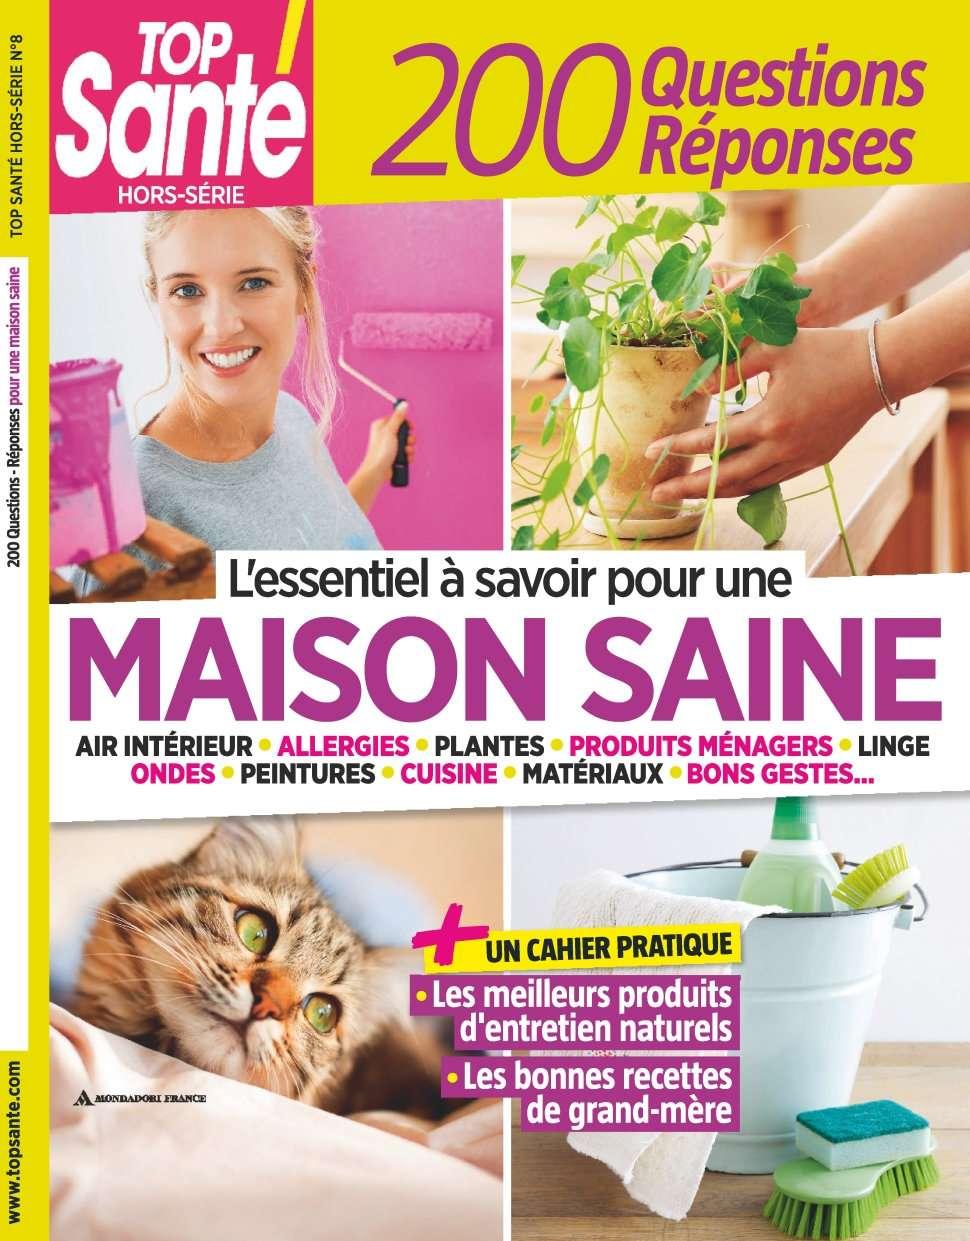 Top Santé Hors-Série 8 - Maison Saine